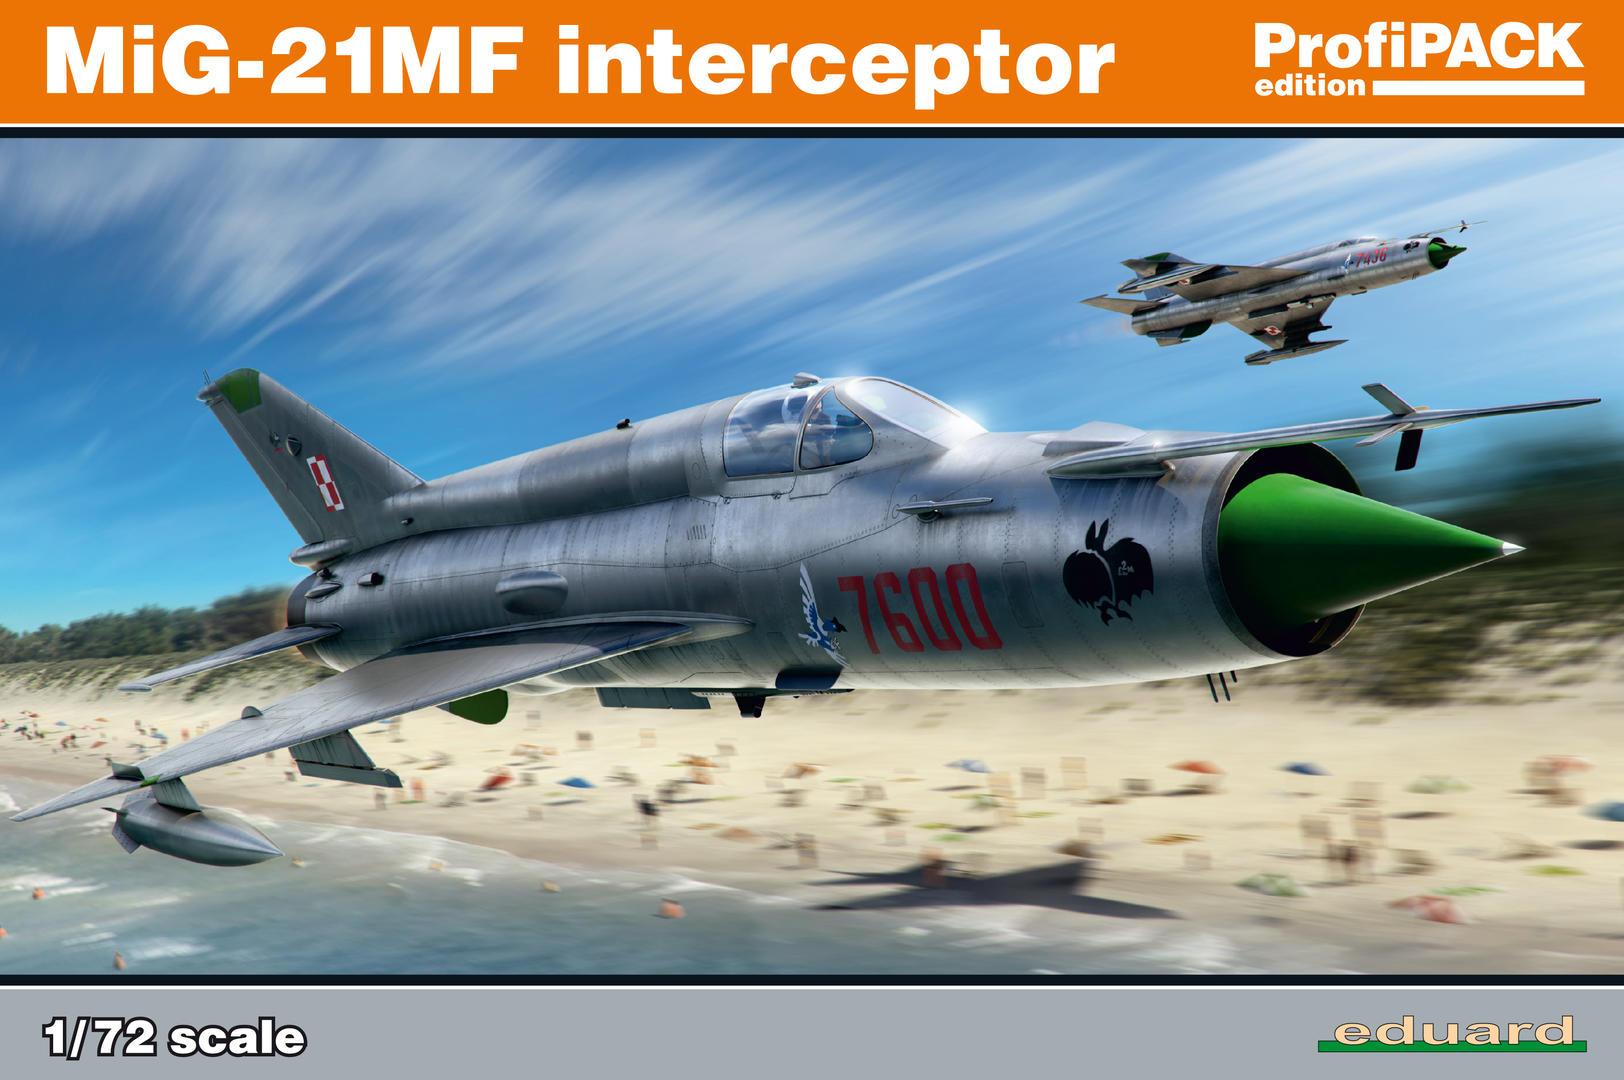 Eduard-70141-MiG-21MF-ProfiPack-1 MiG-21MF Interceptor im Maßstab 1:72 von Eduard 70141